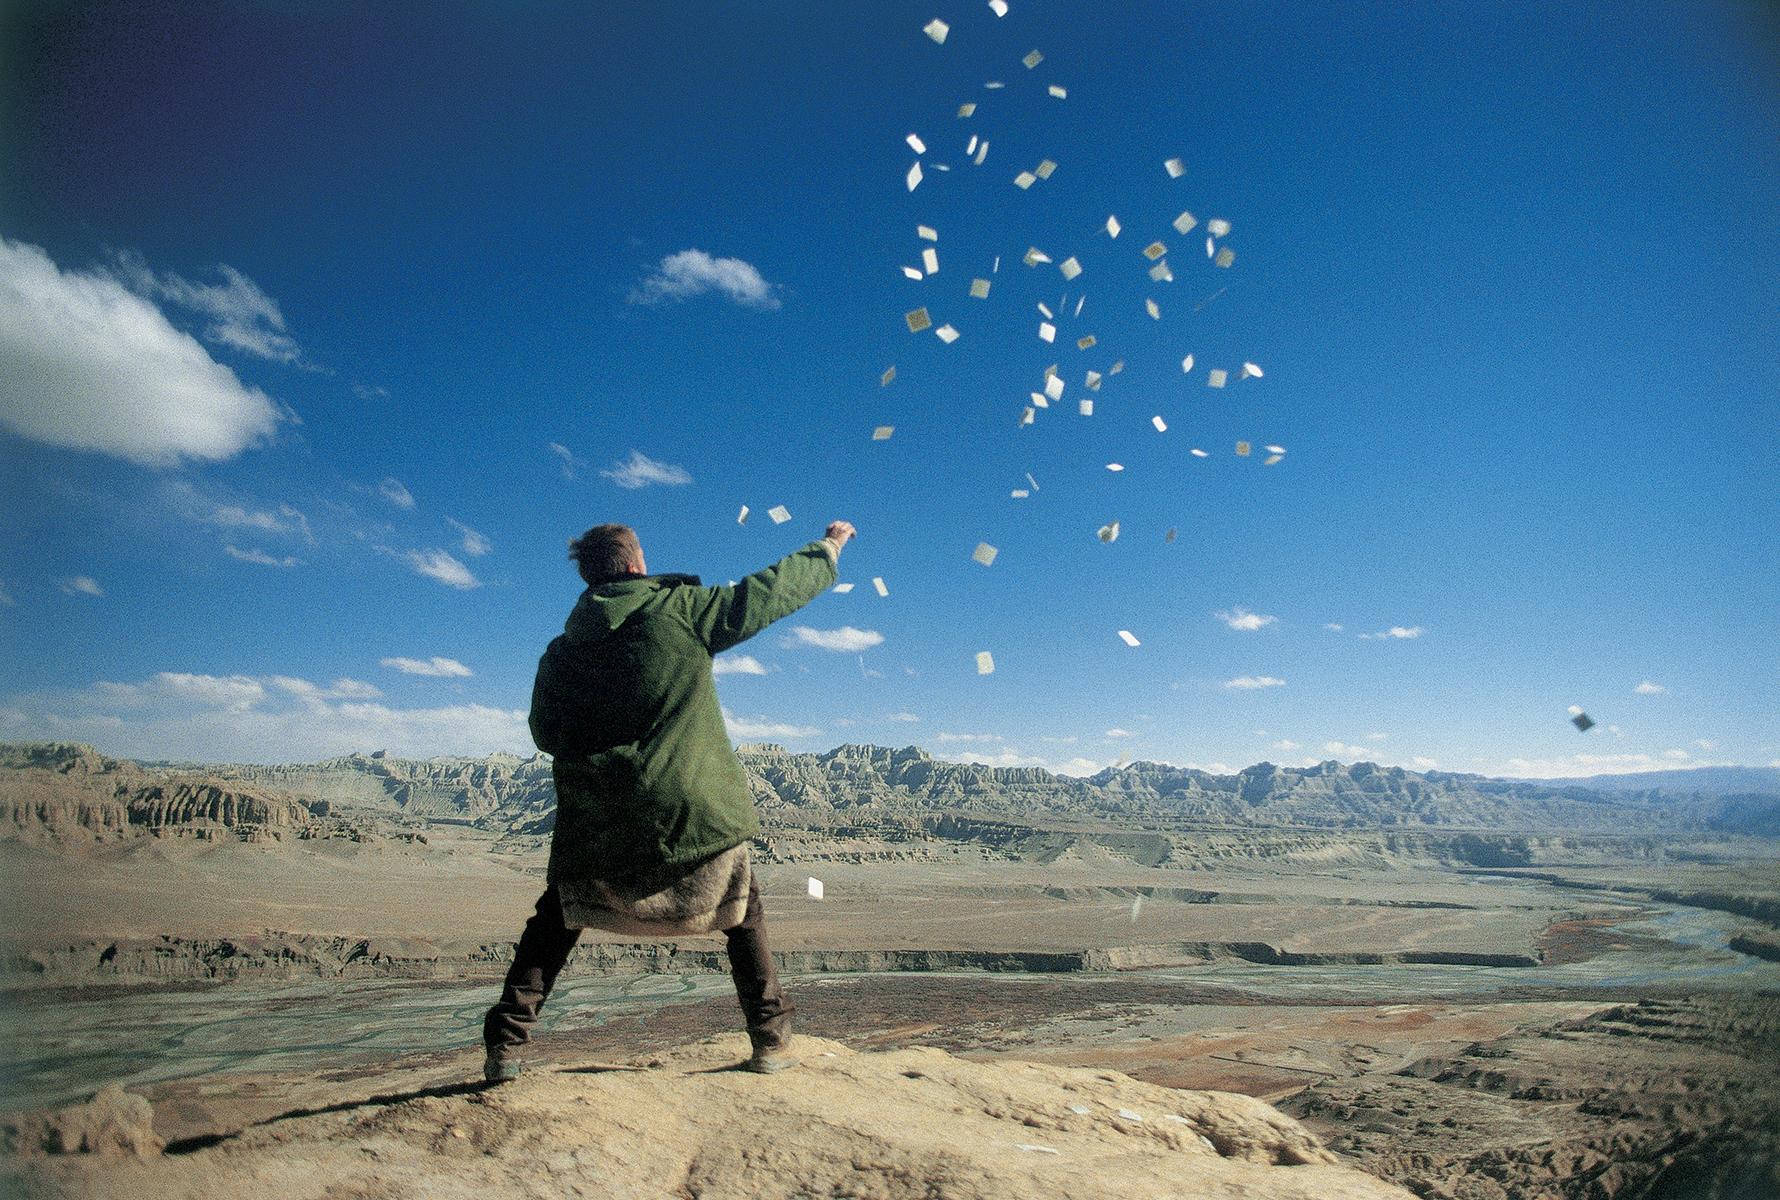 Tholing, Tibet. 1995